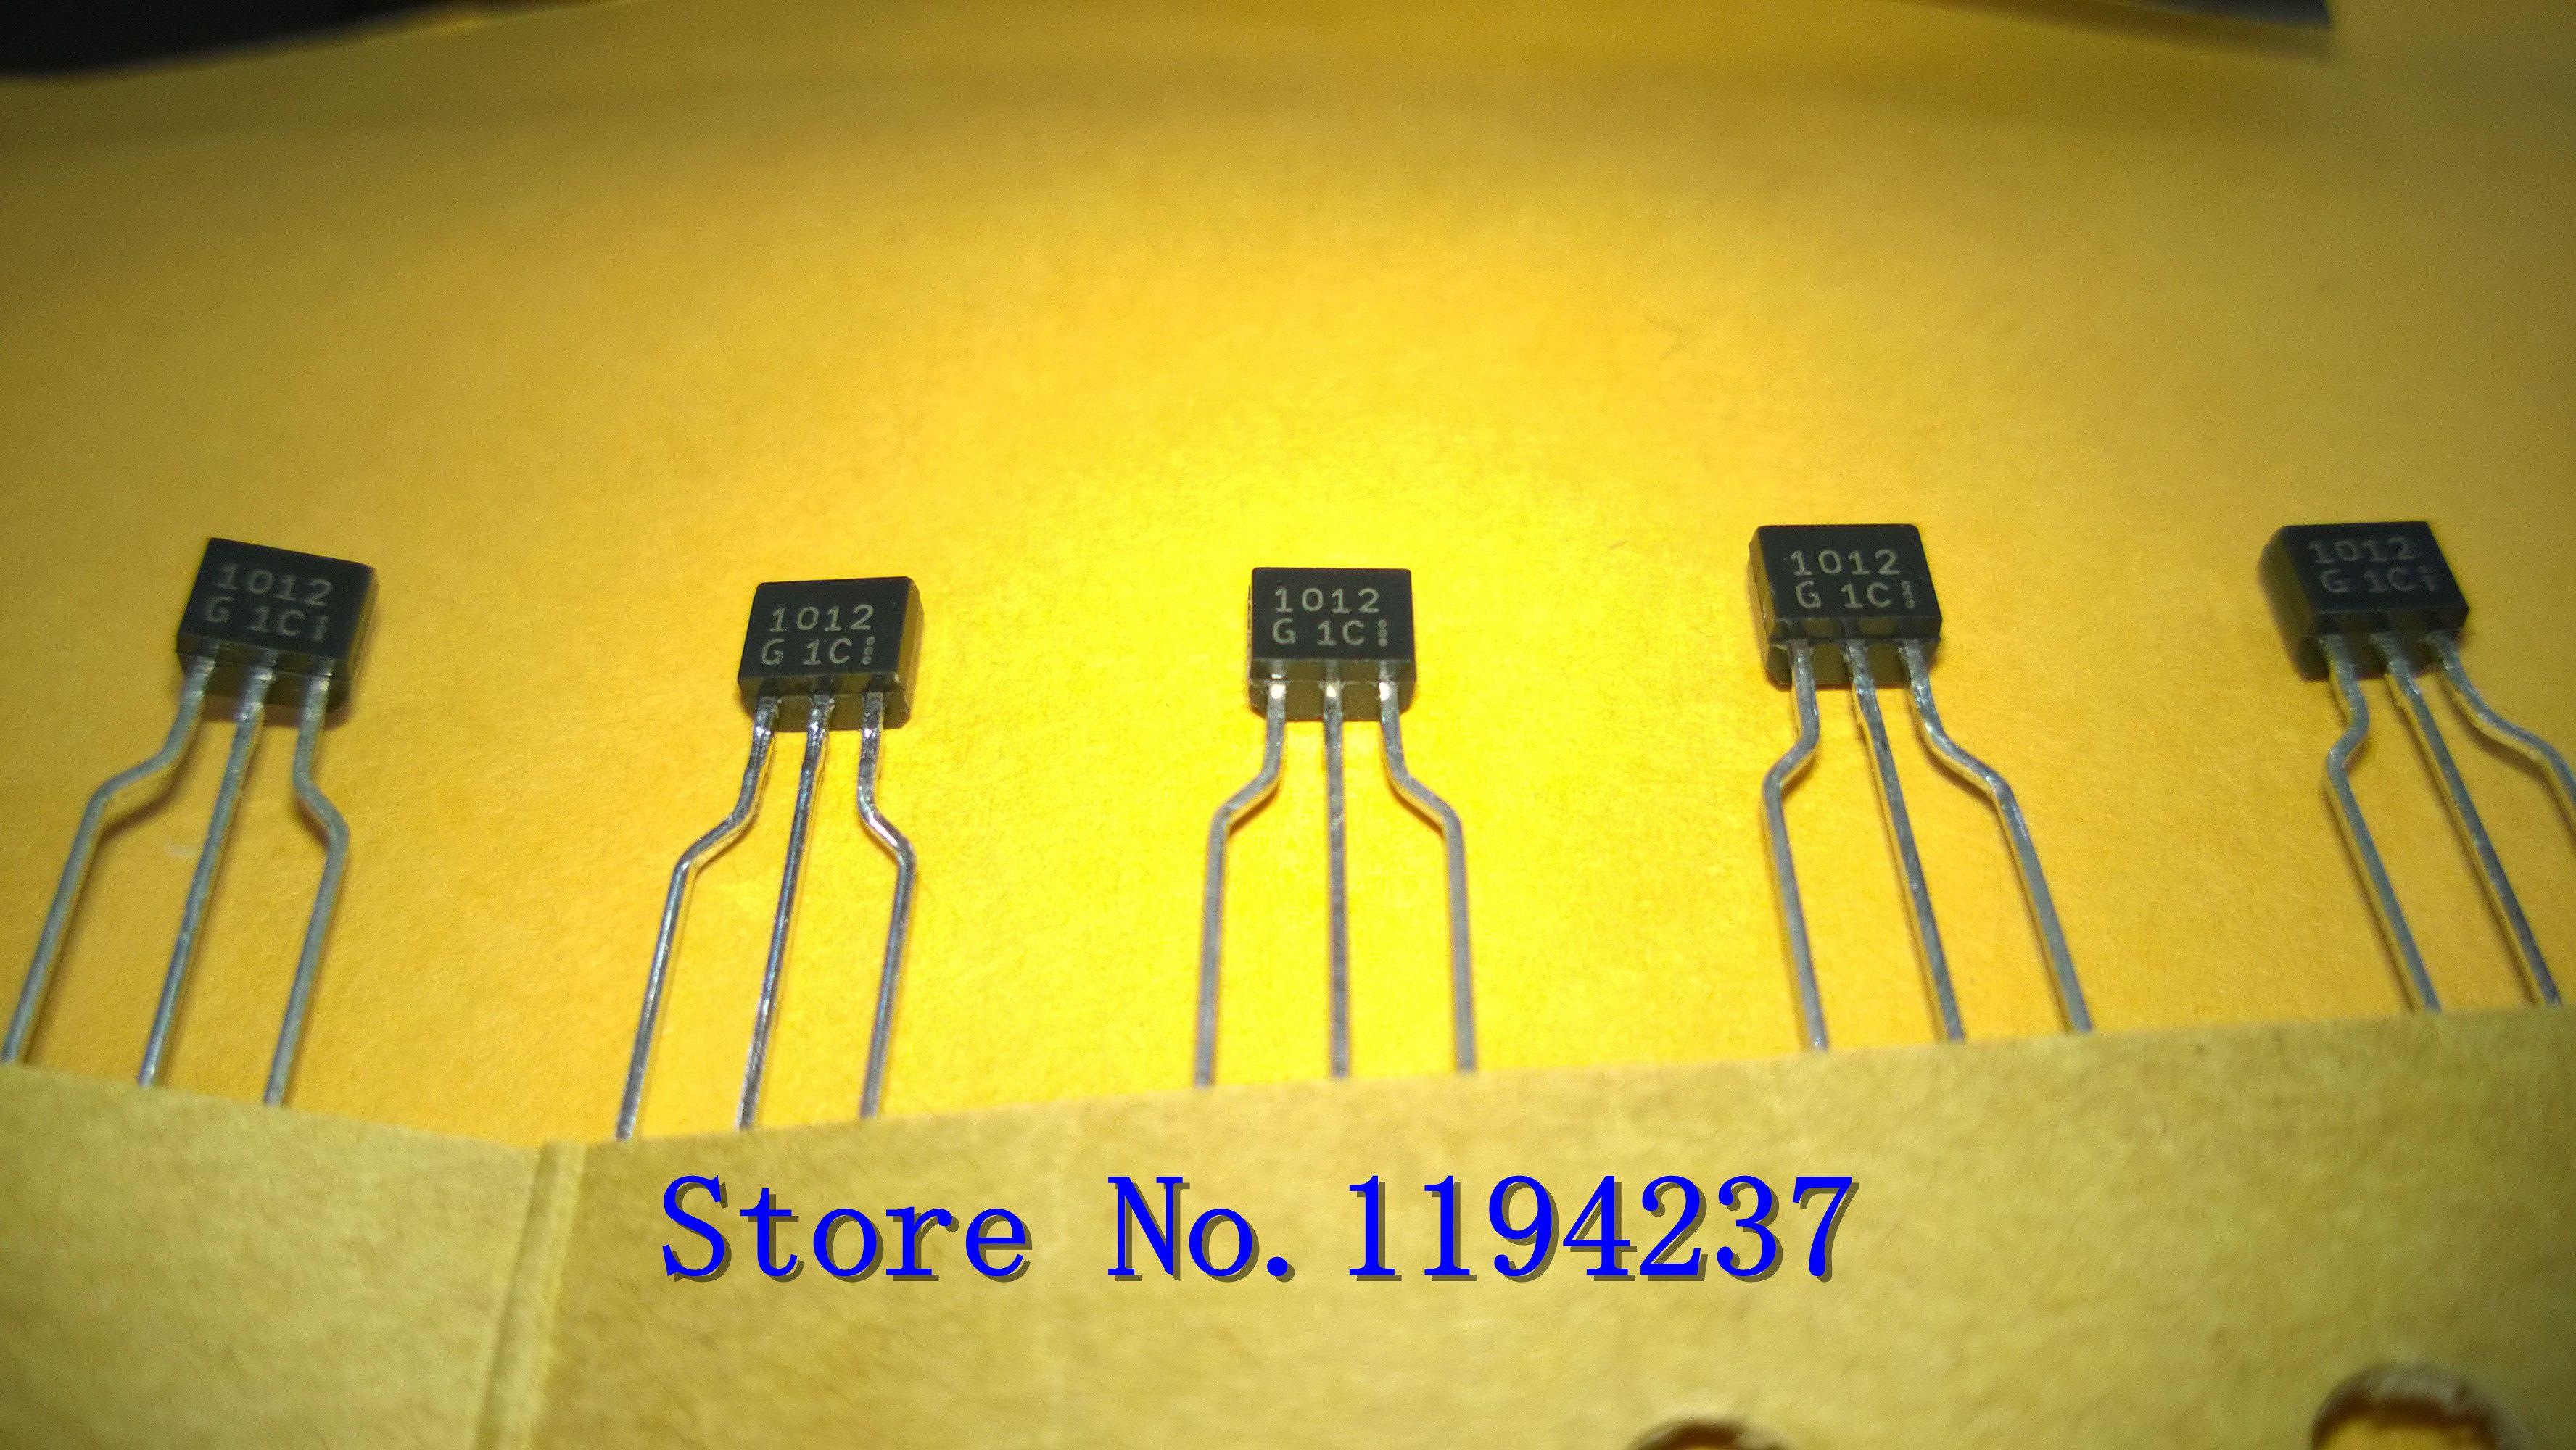 Livraison gratuite 2SD1012G 2SD1012 1012 1012G TO-92 nouveau et original 10PCS / LOT